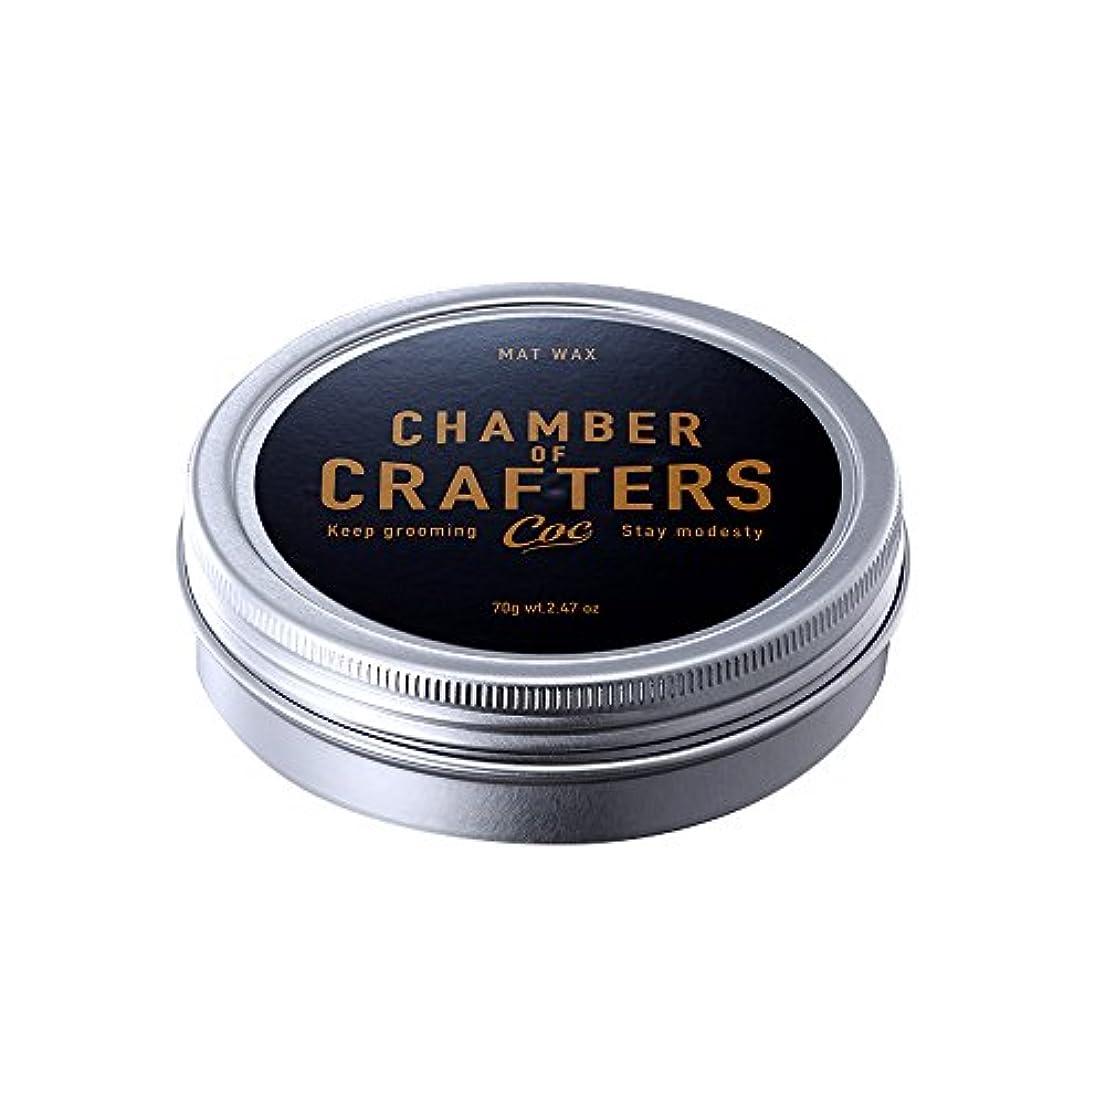 ポイント適用済み怖いCHAMBER OF CRAFTERS チェンバーオブクラフターズ マットワックス 70g シトラスグリーンの香り